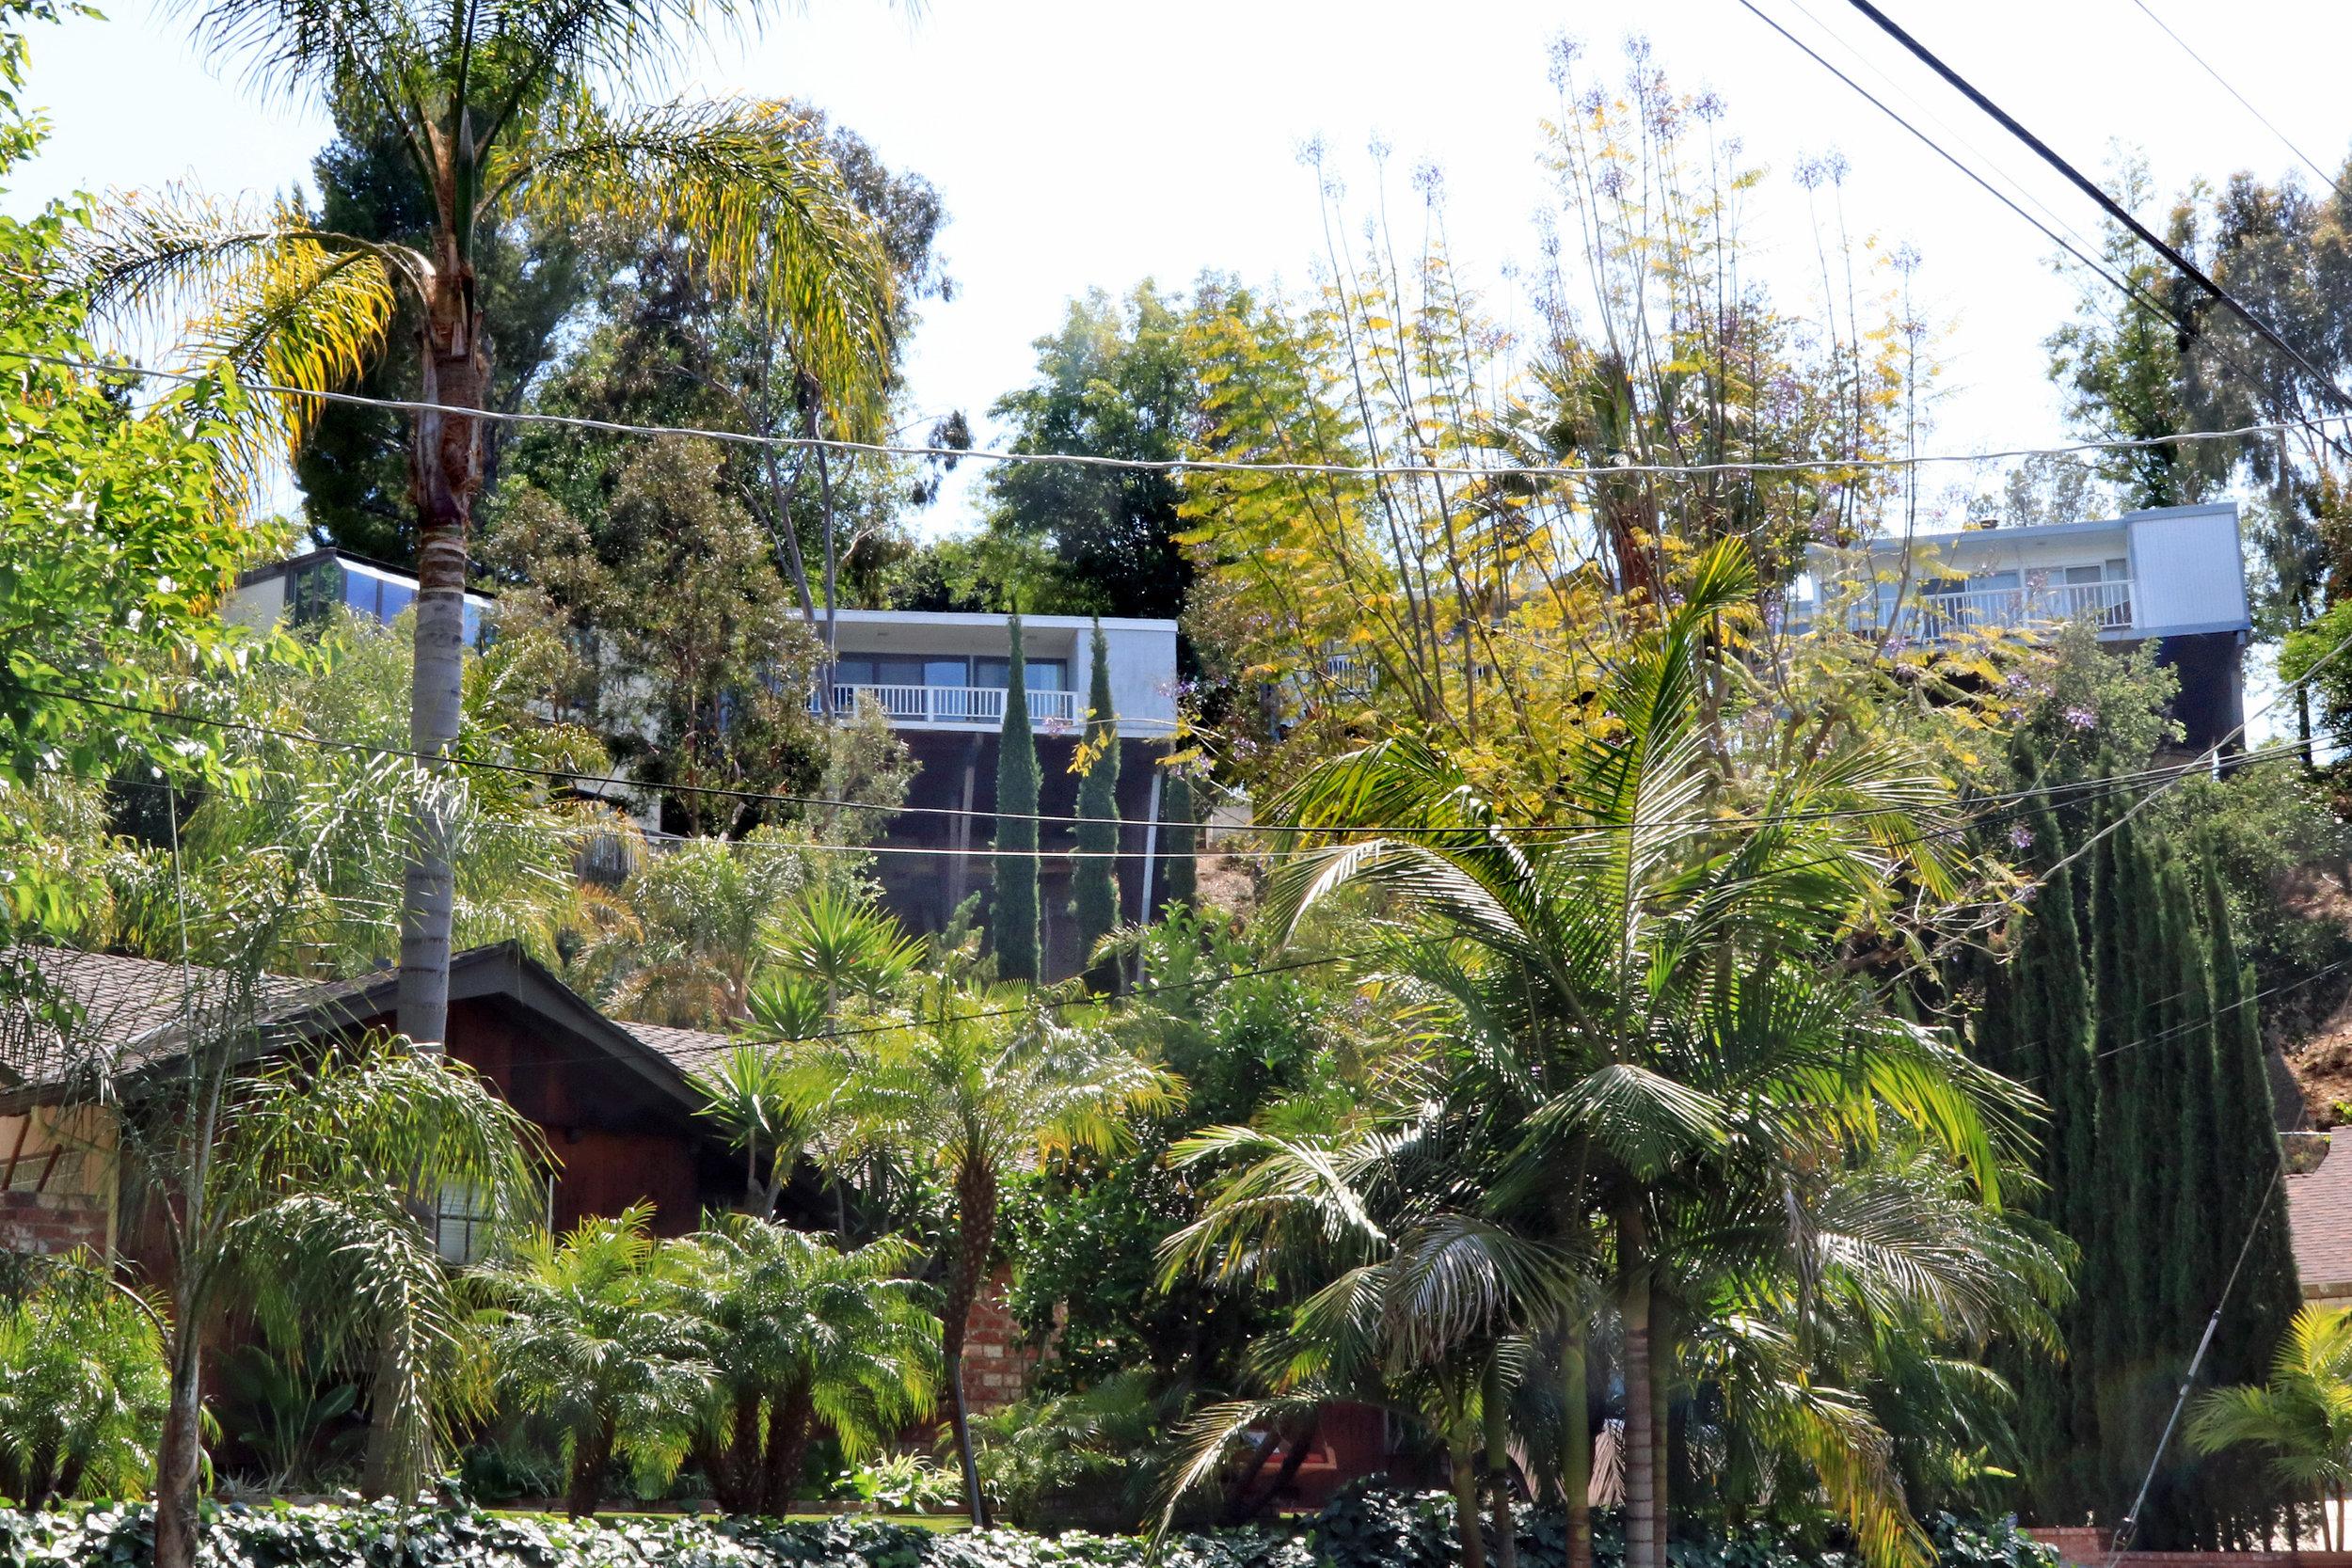 Stilt Houses    Dr. Joseph J. Railla   1963     4950, 4962, 4968, 4972 N. Escobedo Dr.